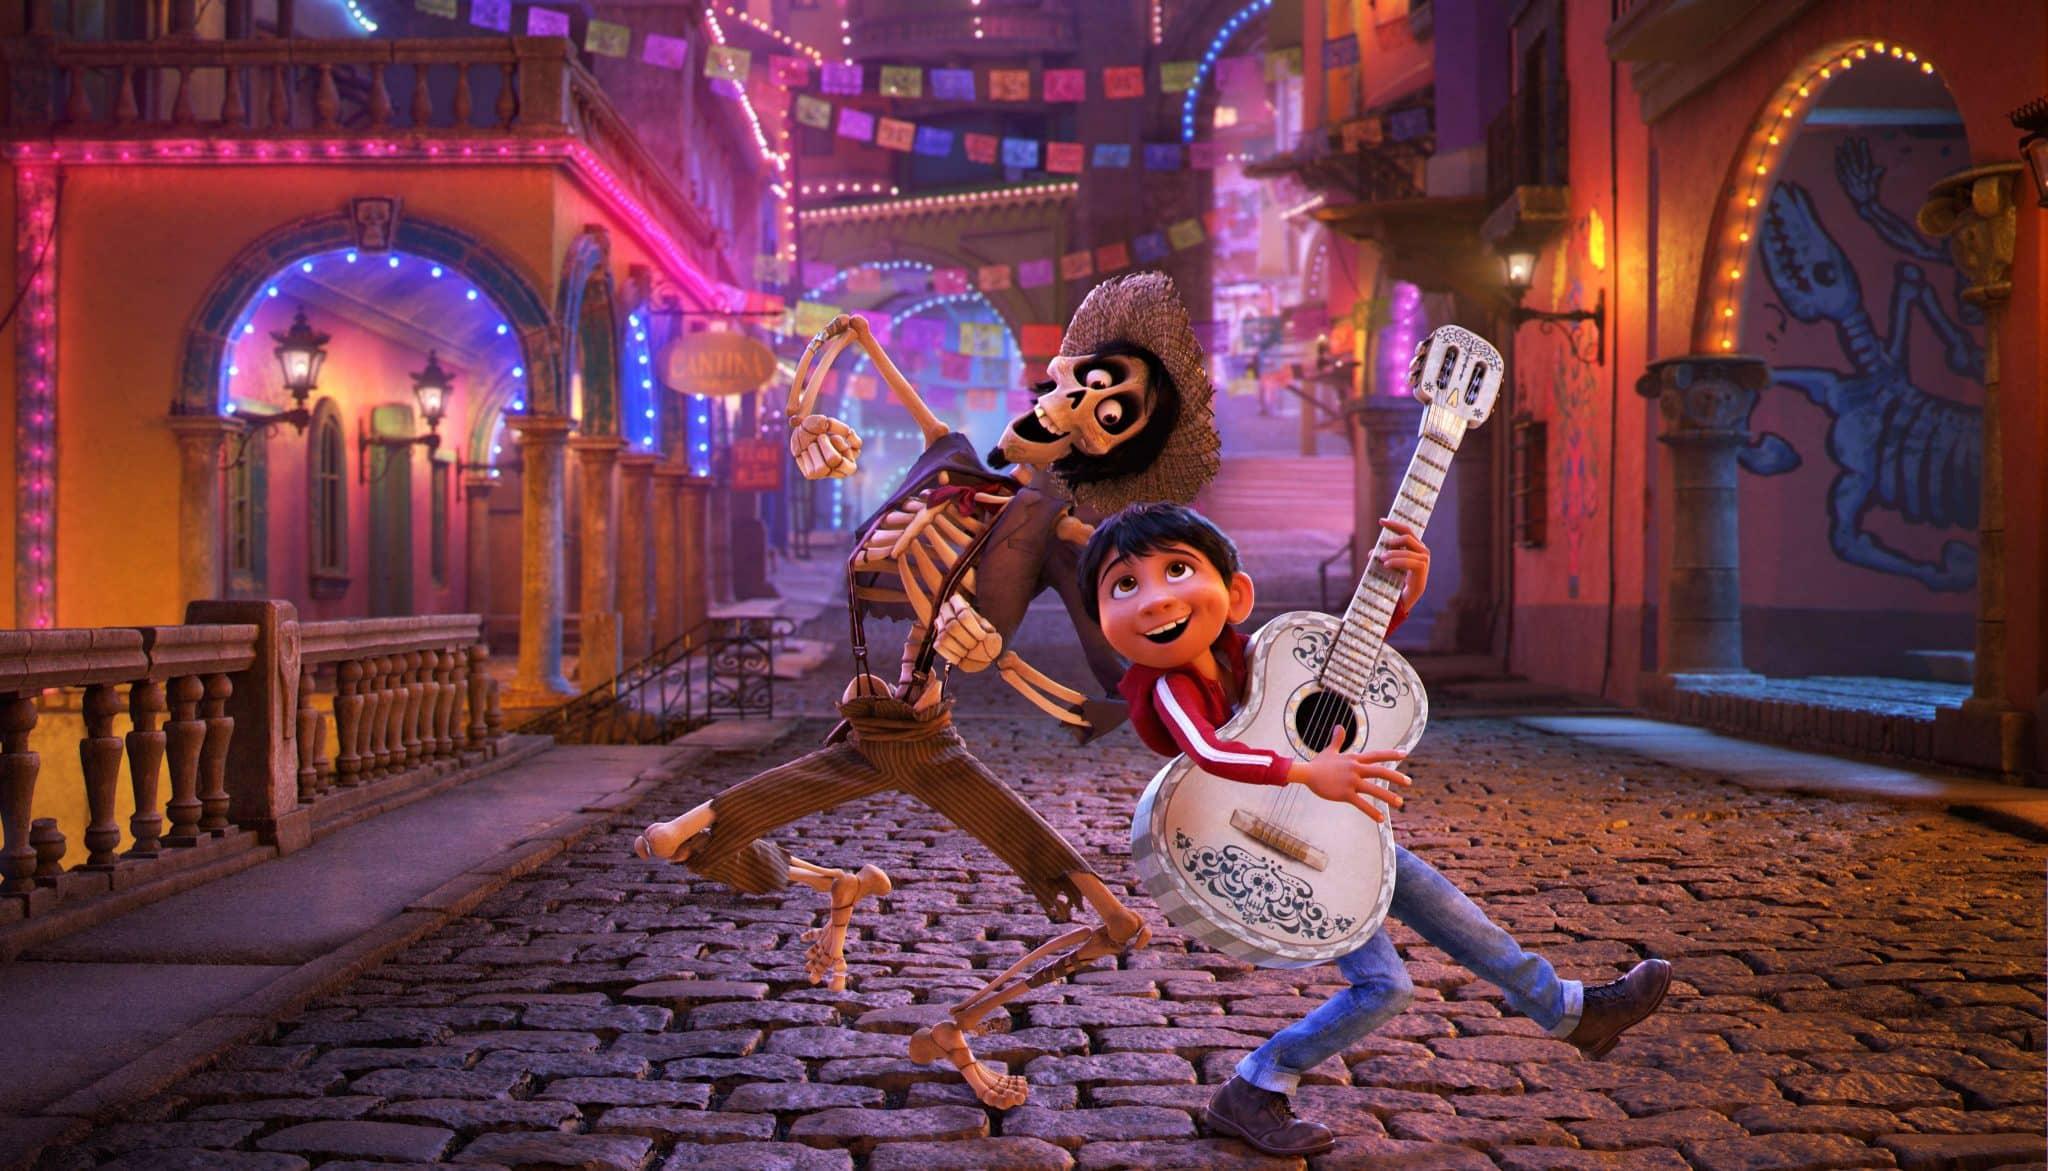 Nový obrázok k filmu Coco, ktorý príde do kín už tento rok!